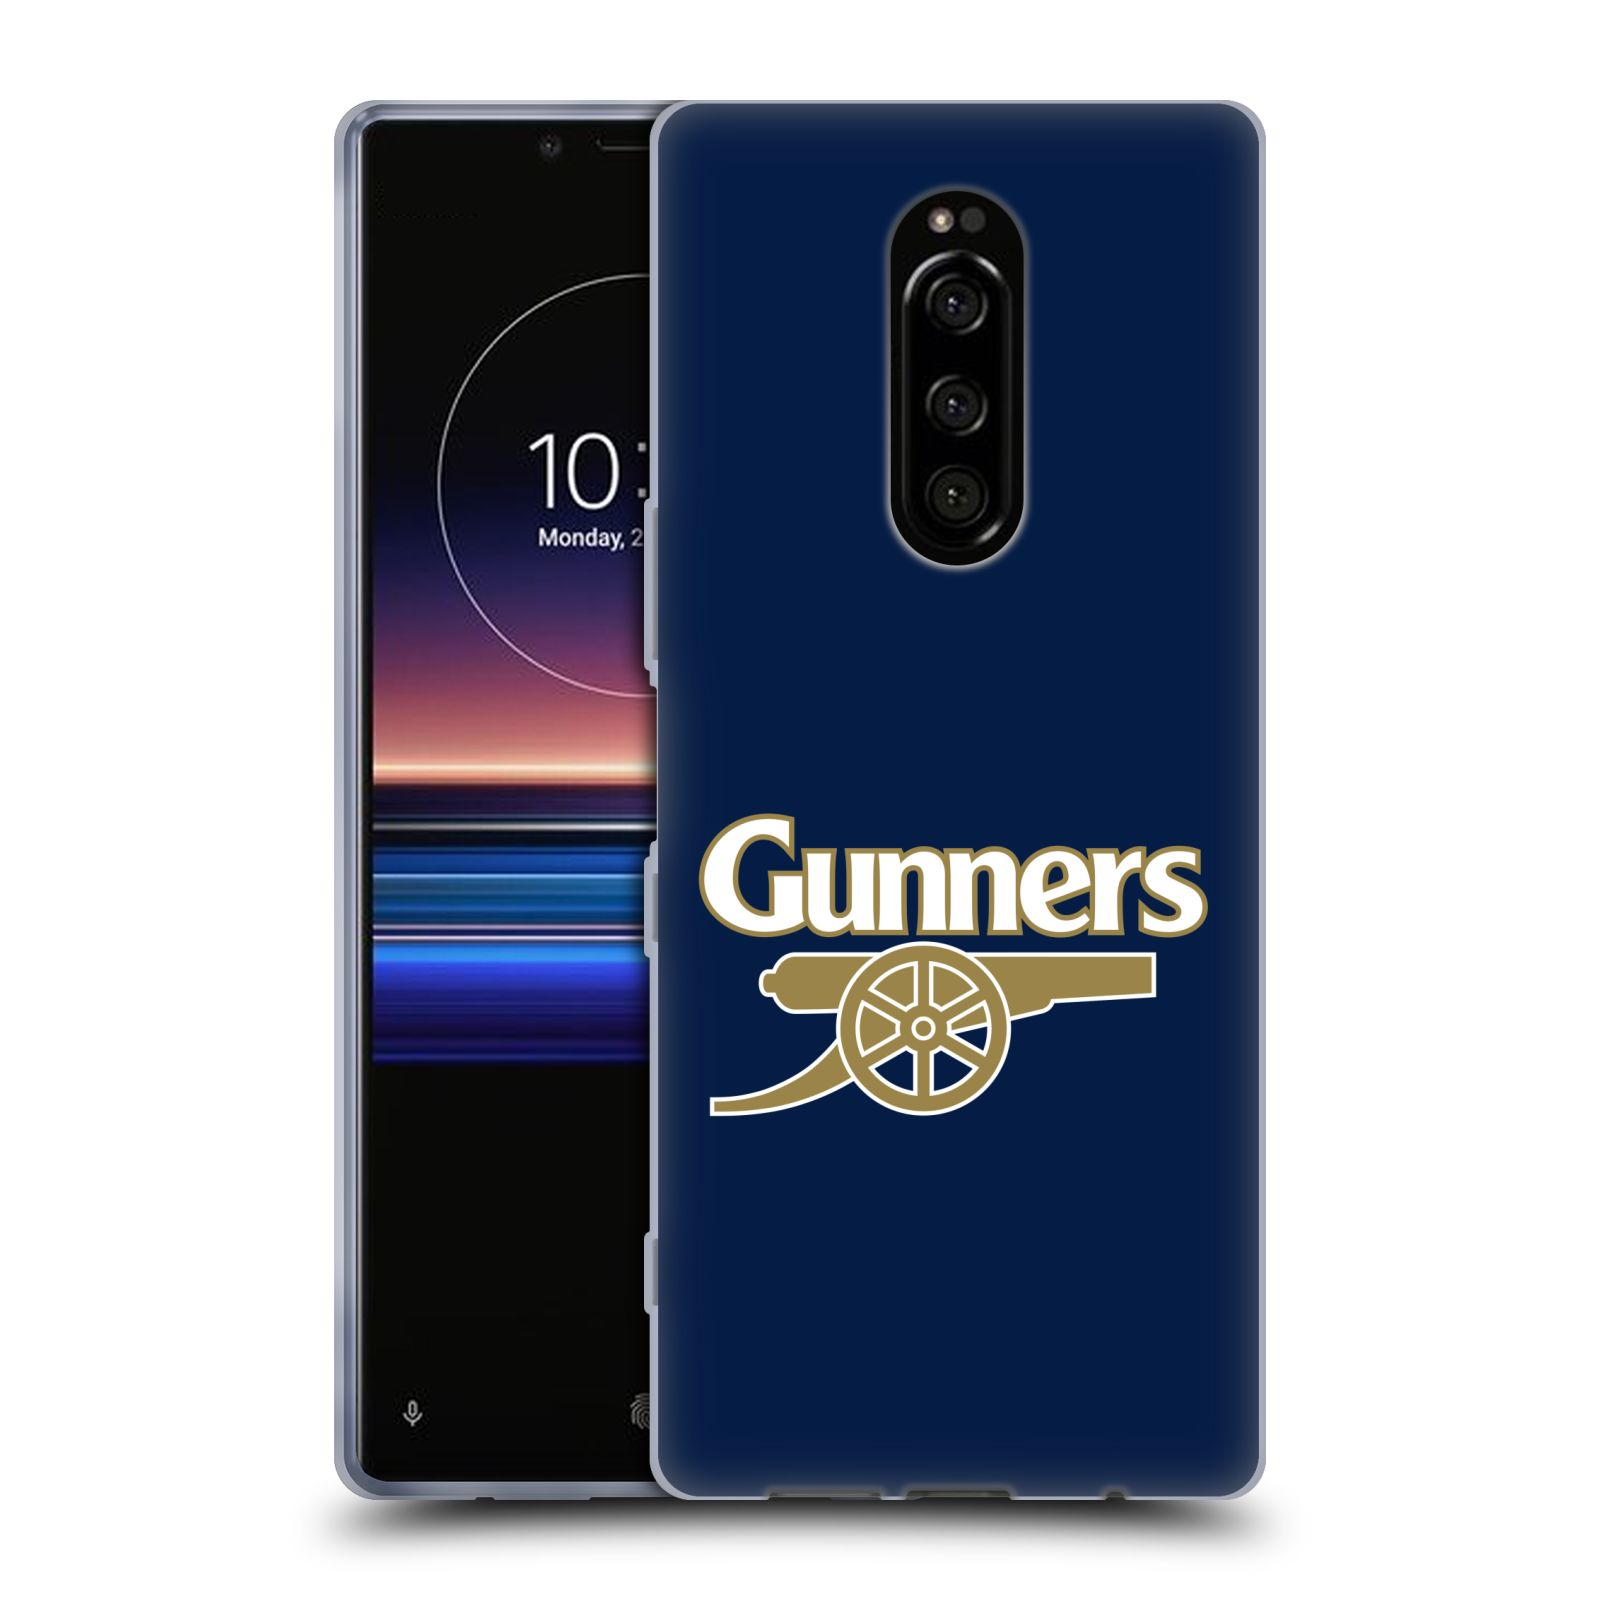 Silikonové pouzdro na mobil Sony Xperia 1 - Head Case - Arsenal FC - Gunners